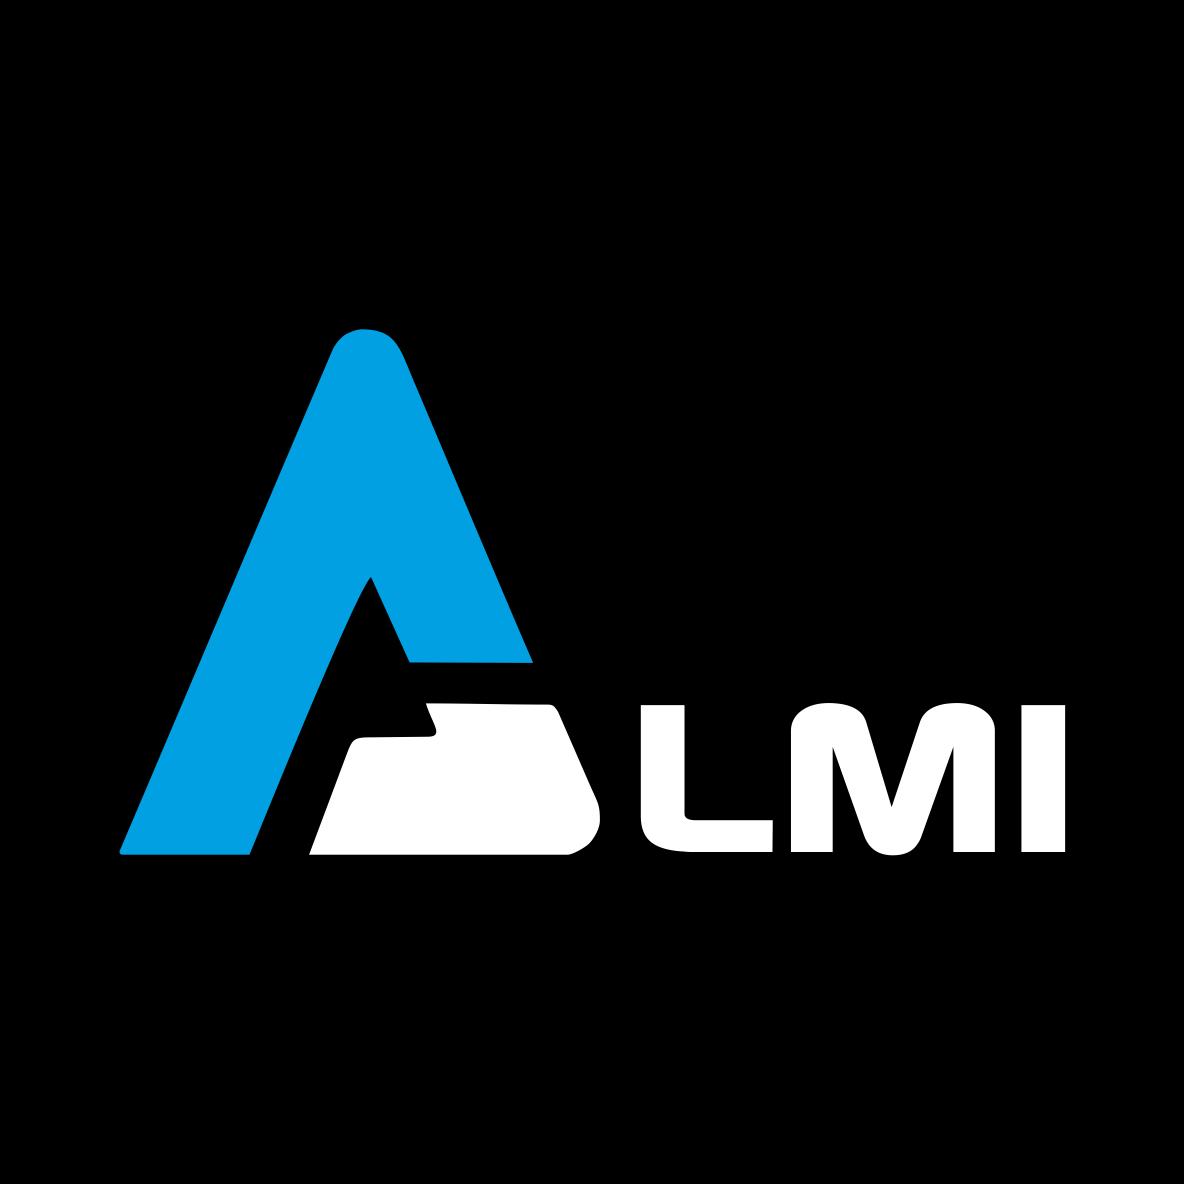 Разработка логотипа и фона фото f_258598acec83e0cb.png